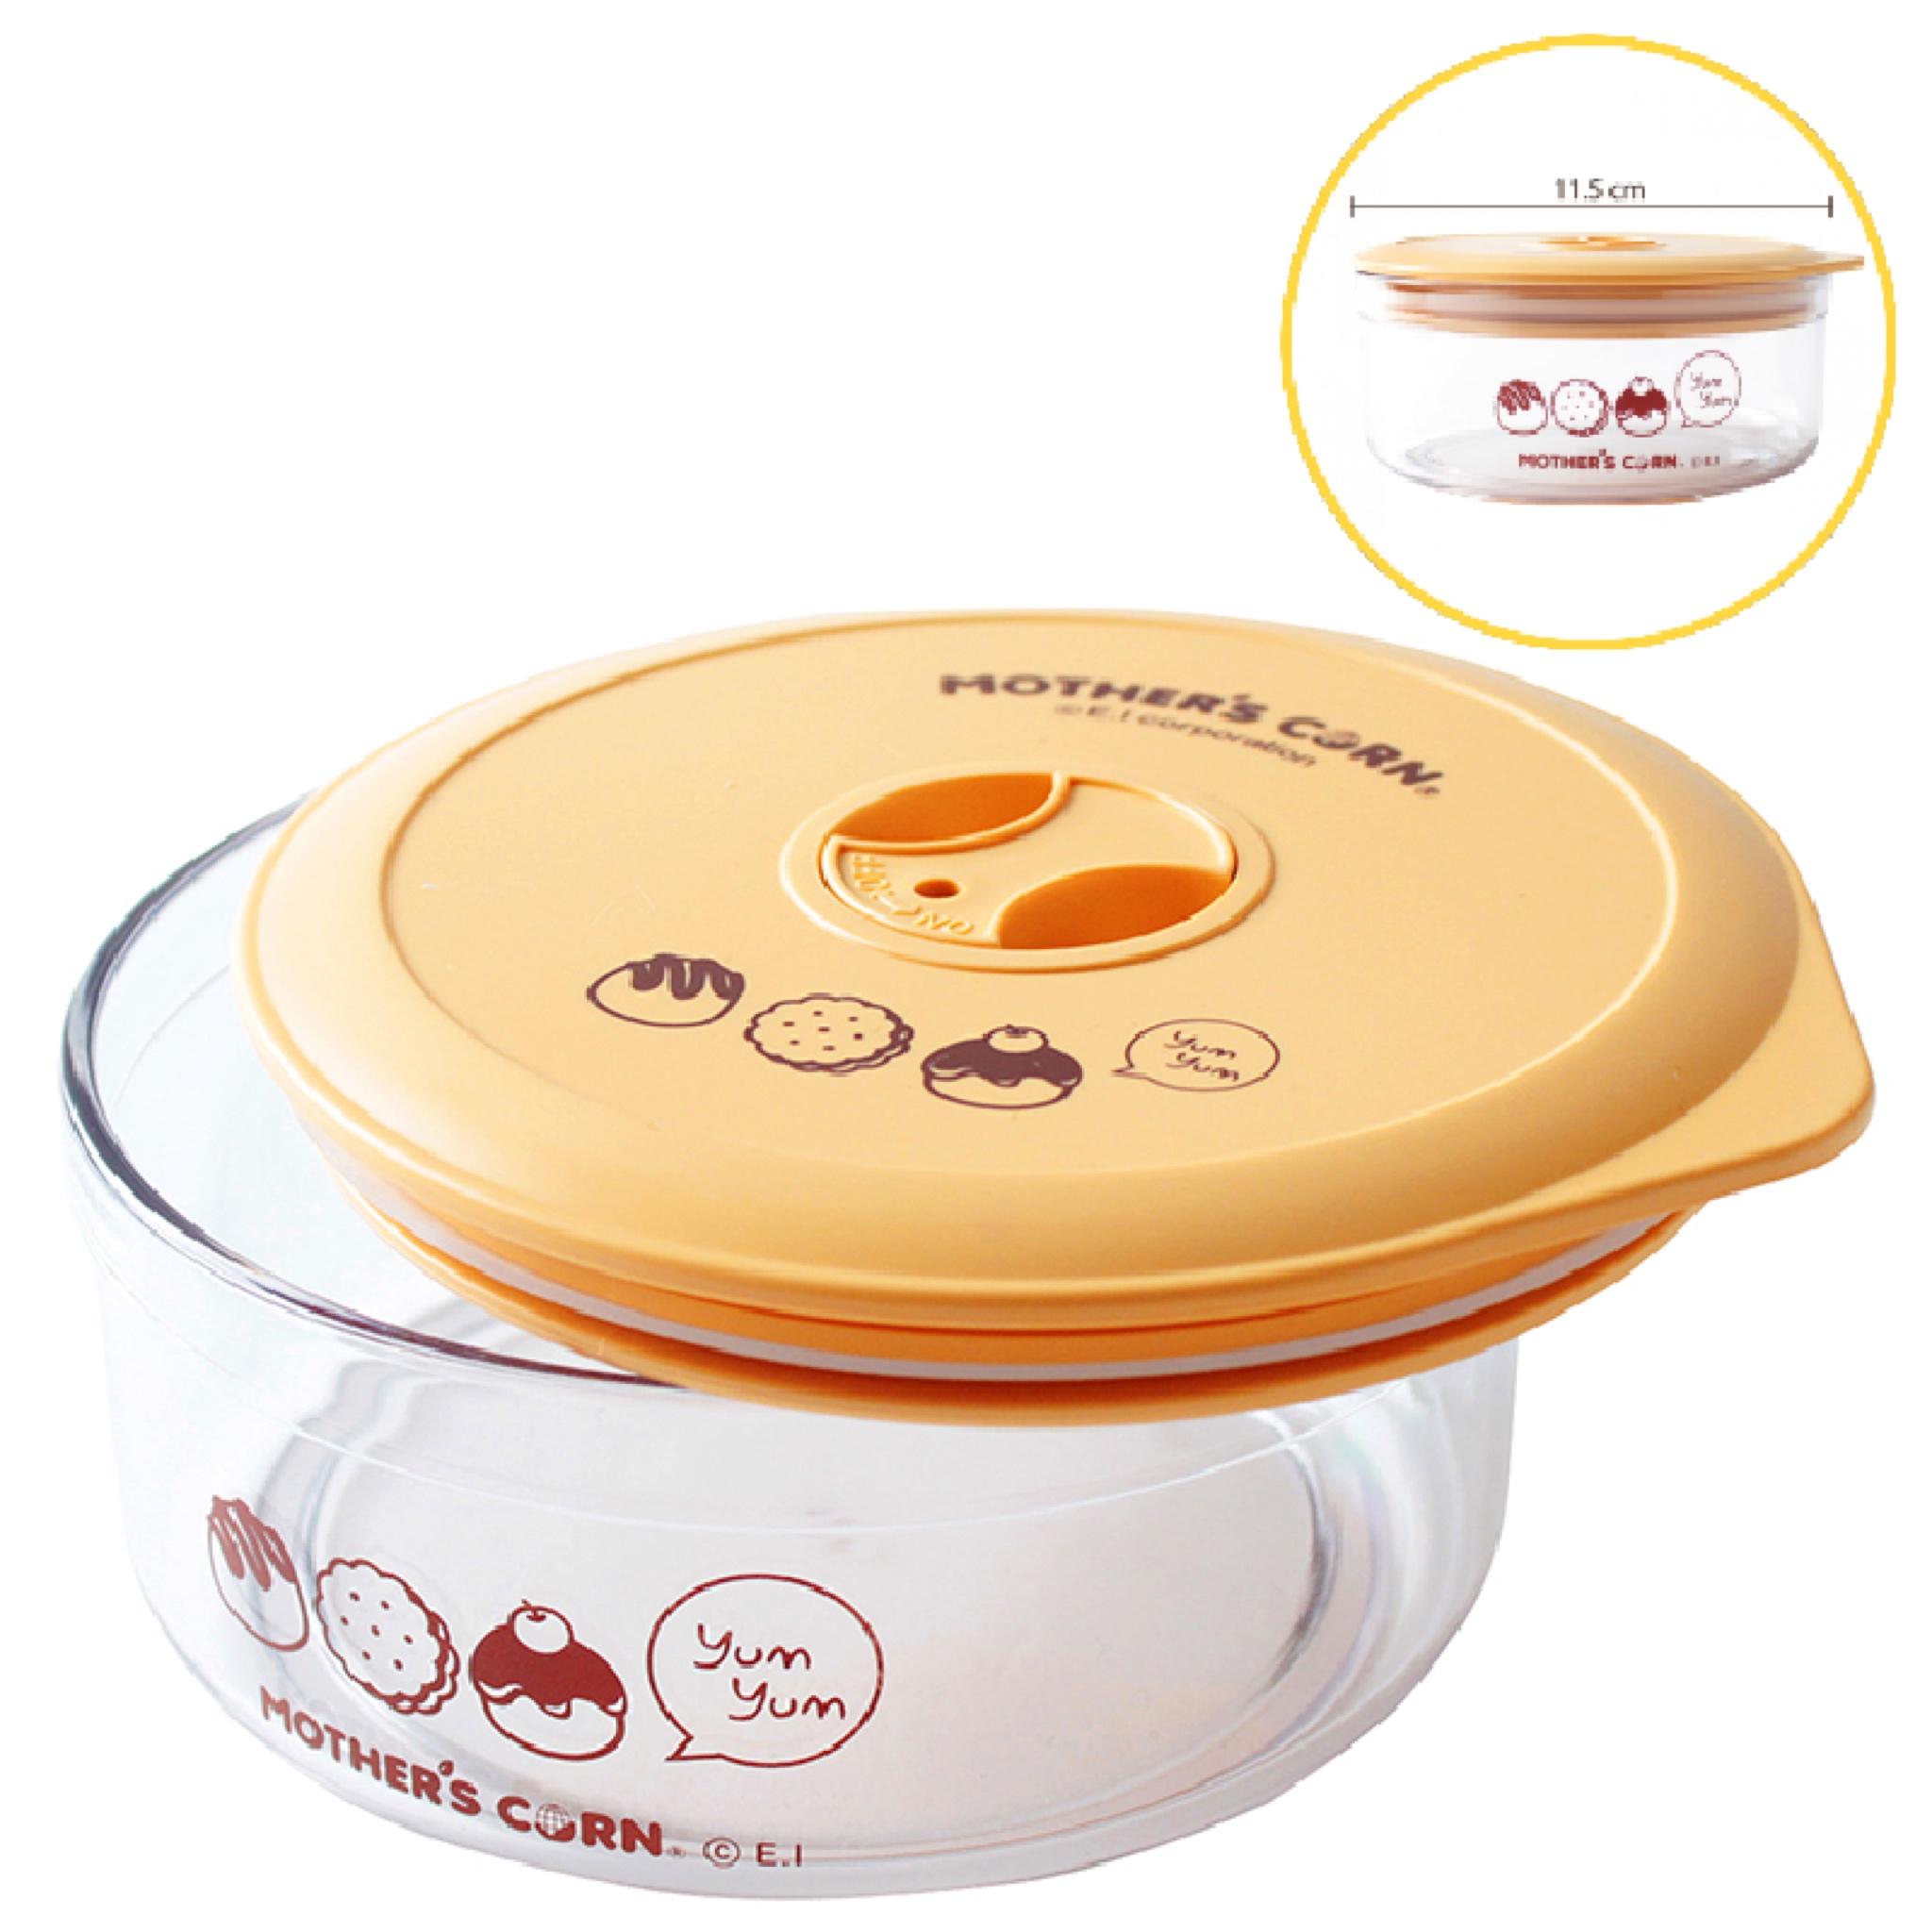 ถ้วยเก็บอาหารพร้อมฝาปิดสำหรับพกพาจากข้าวโพดปลอดสารพิษ Mother's Corn Snack Container (M)